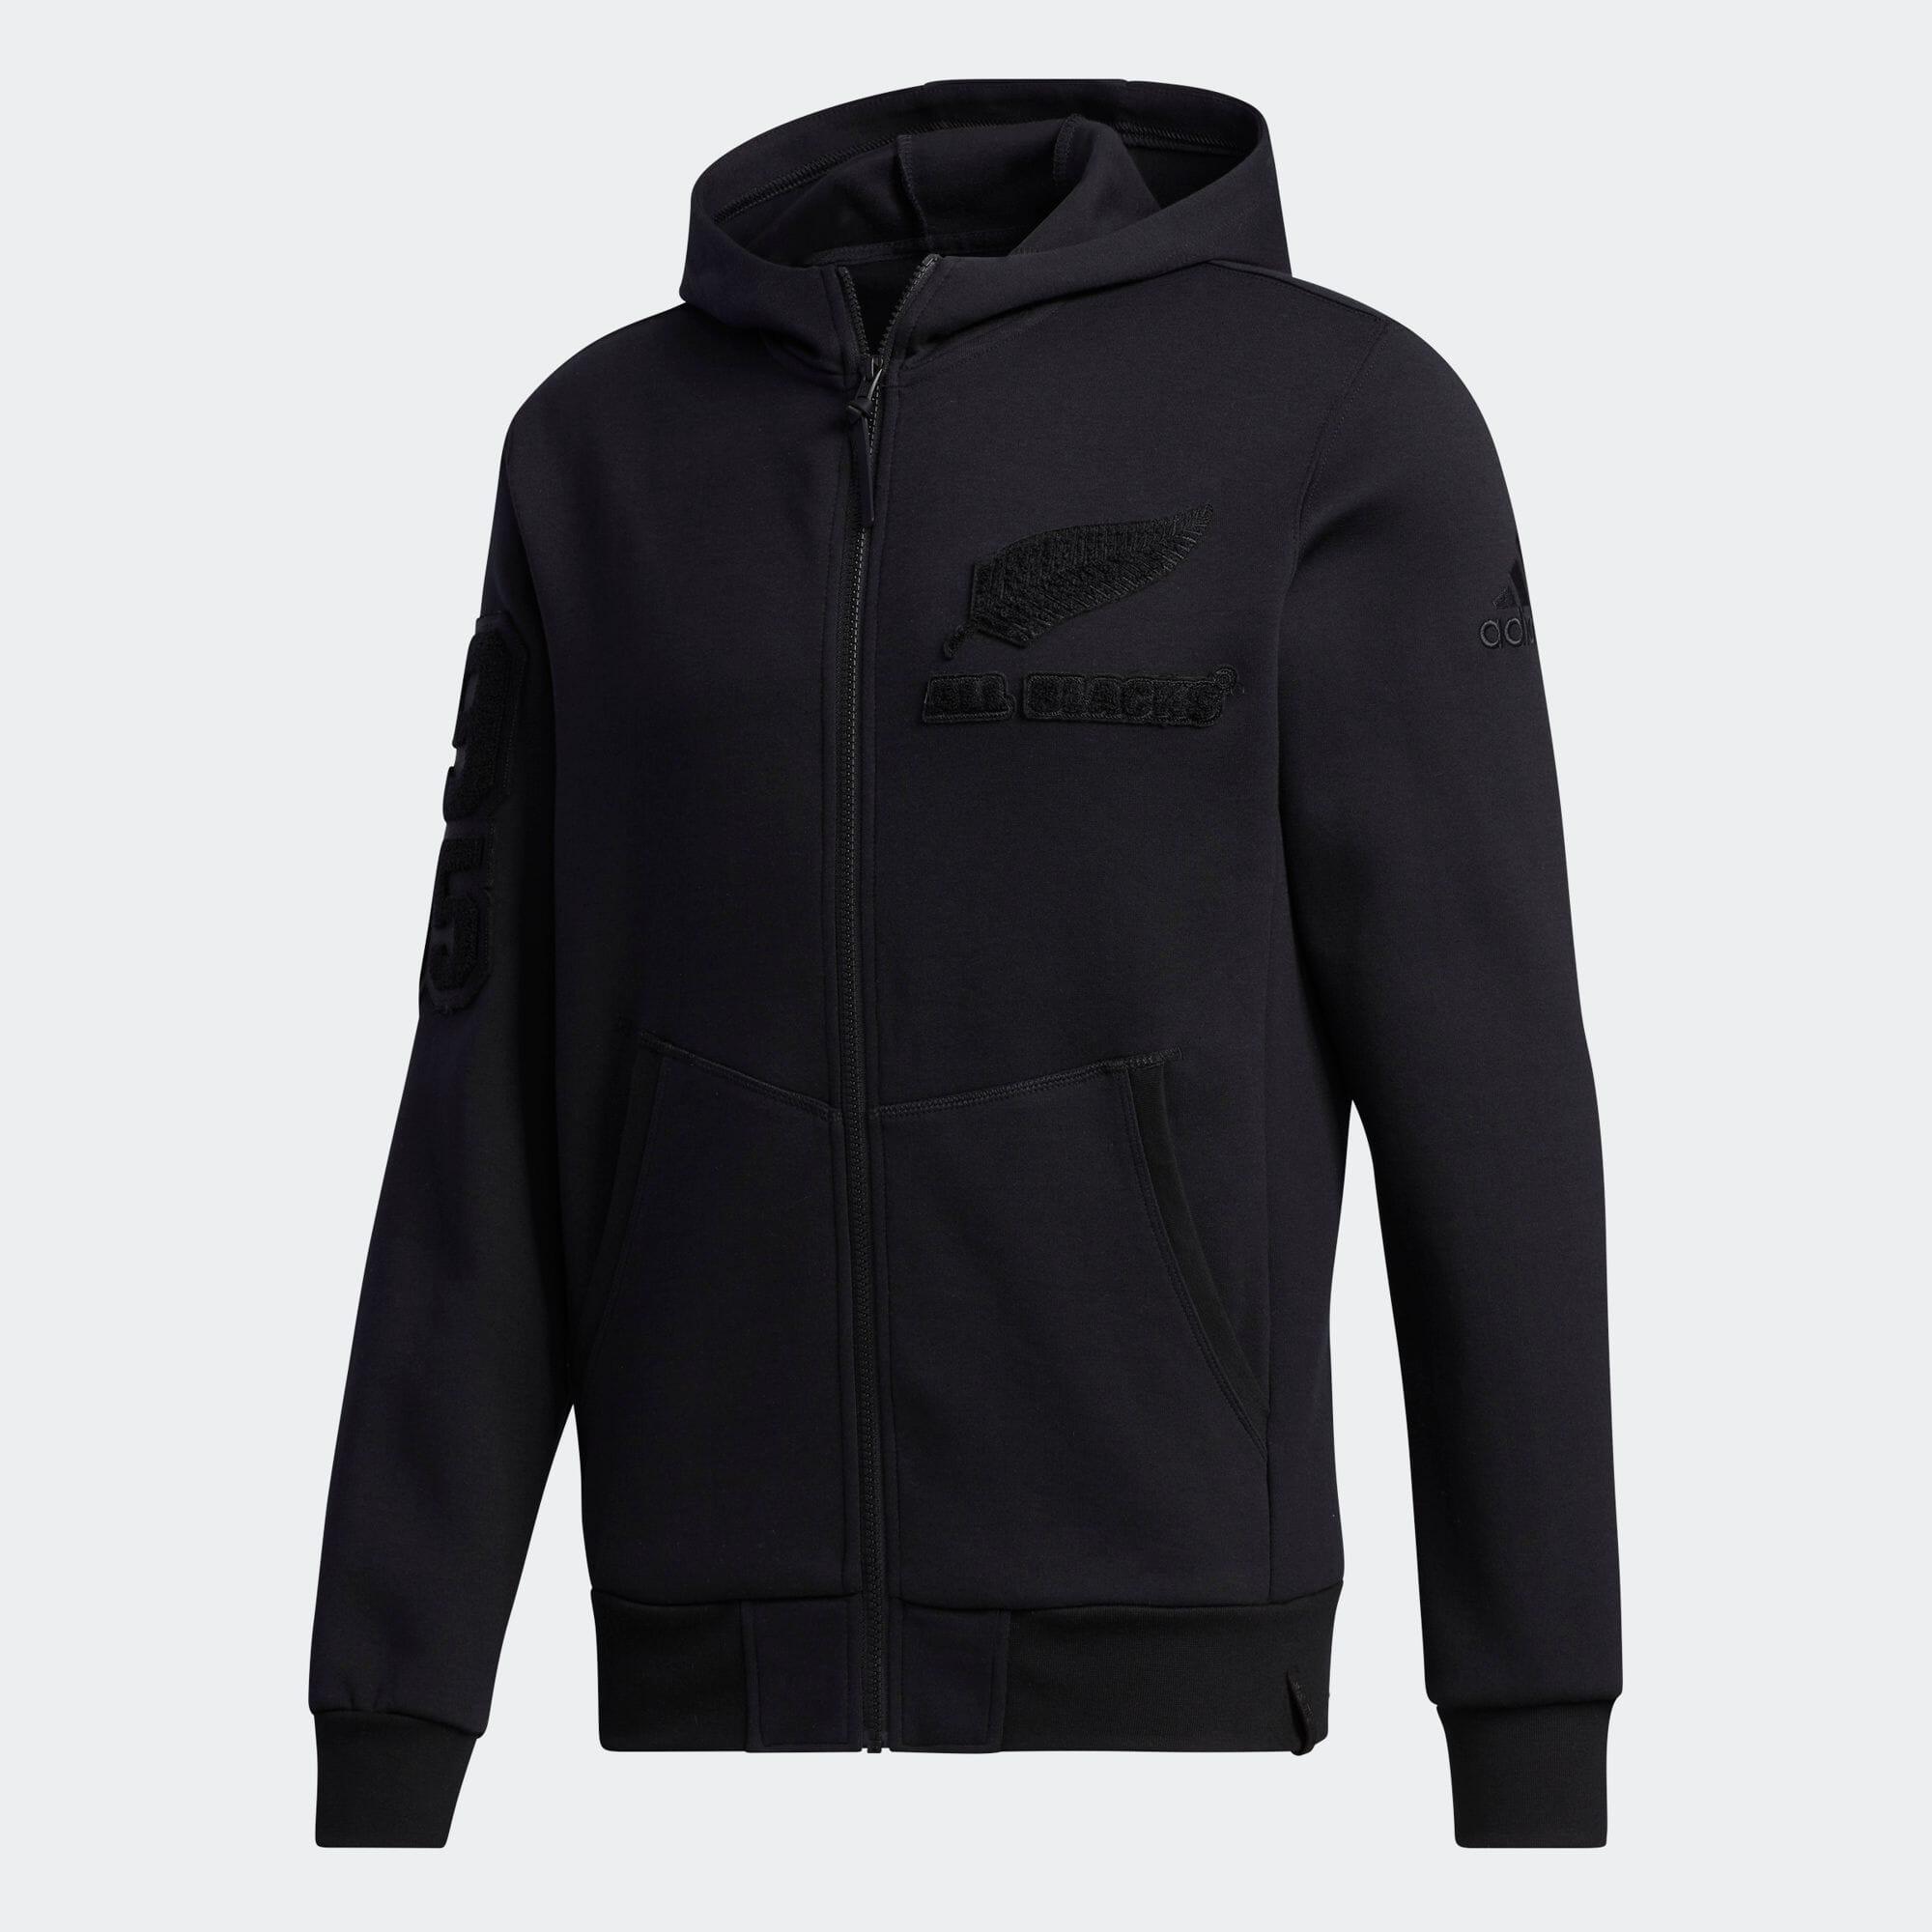 オールブラックス スウェットジャケット / All Blacks Sweat Jacket